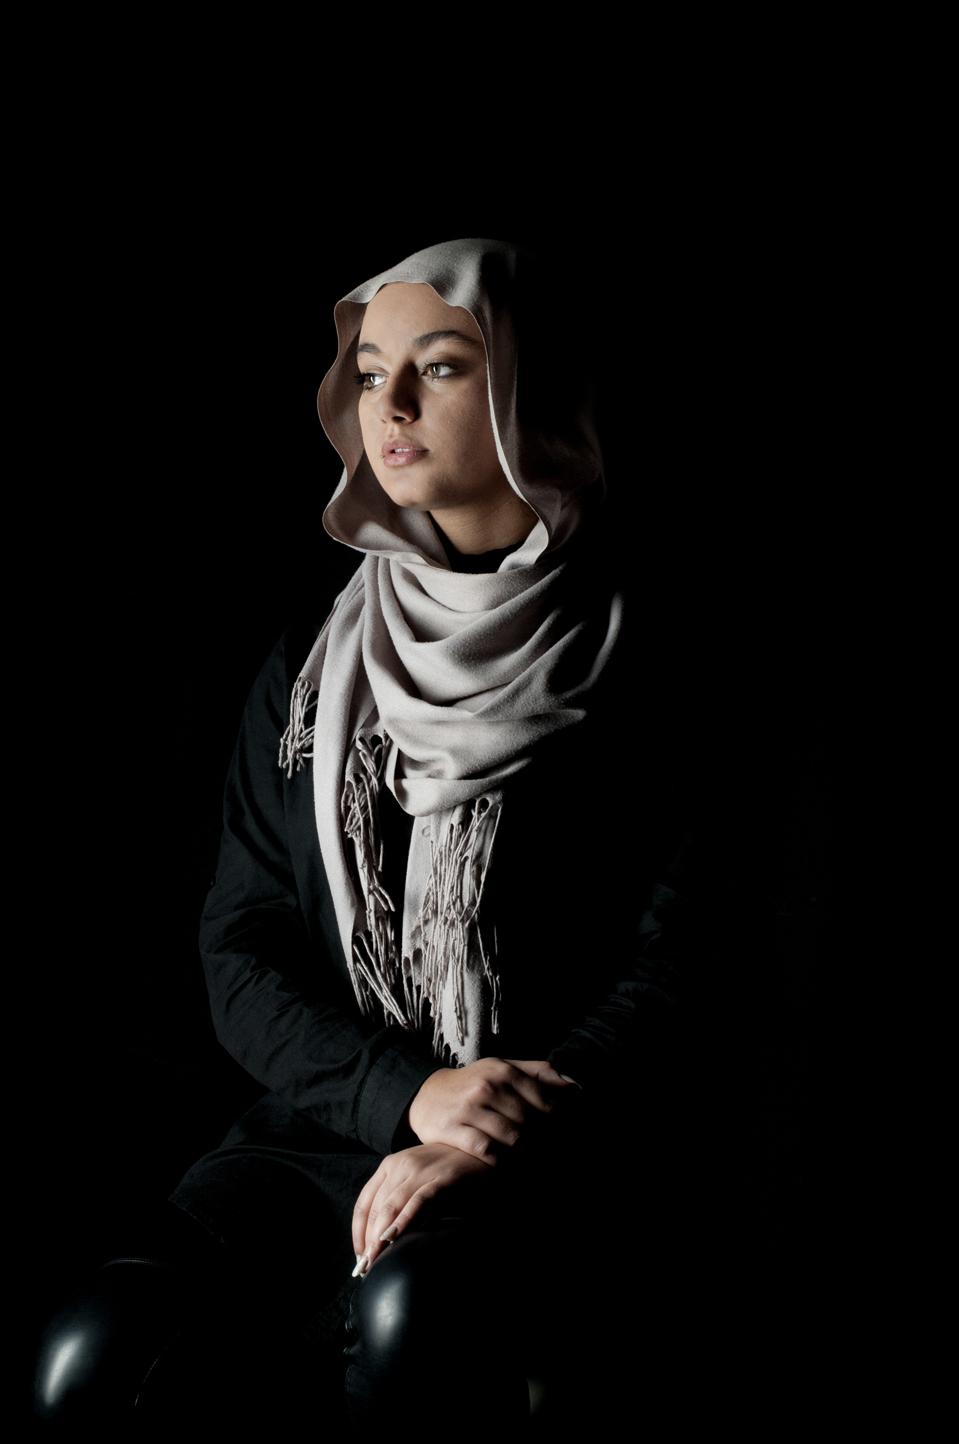 Fatima_El_Hossi_006